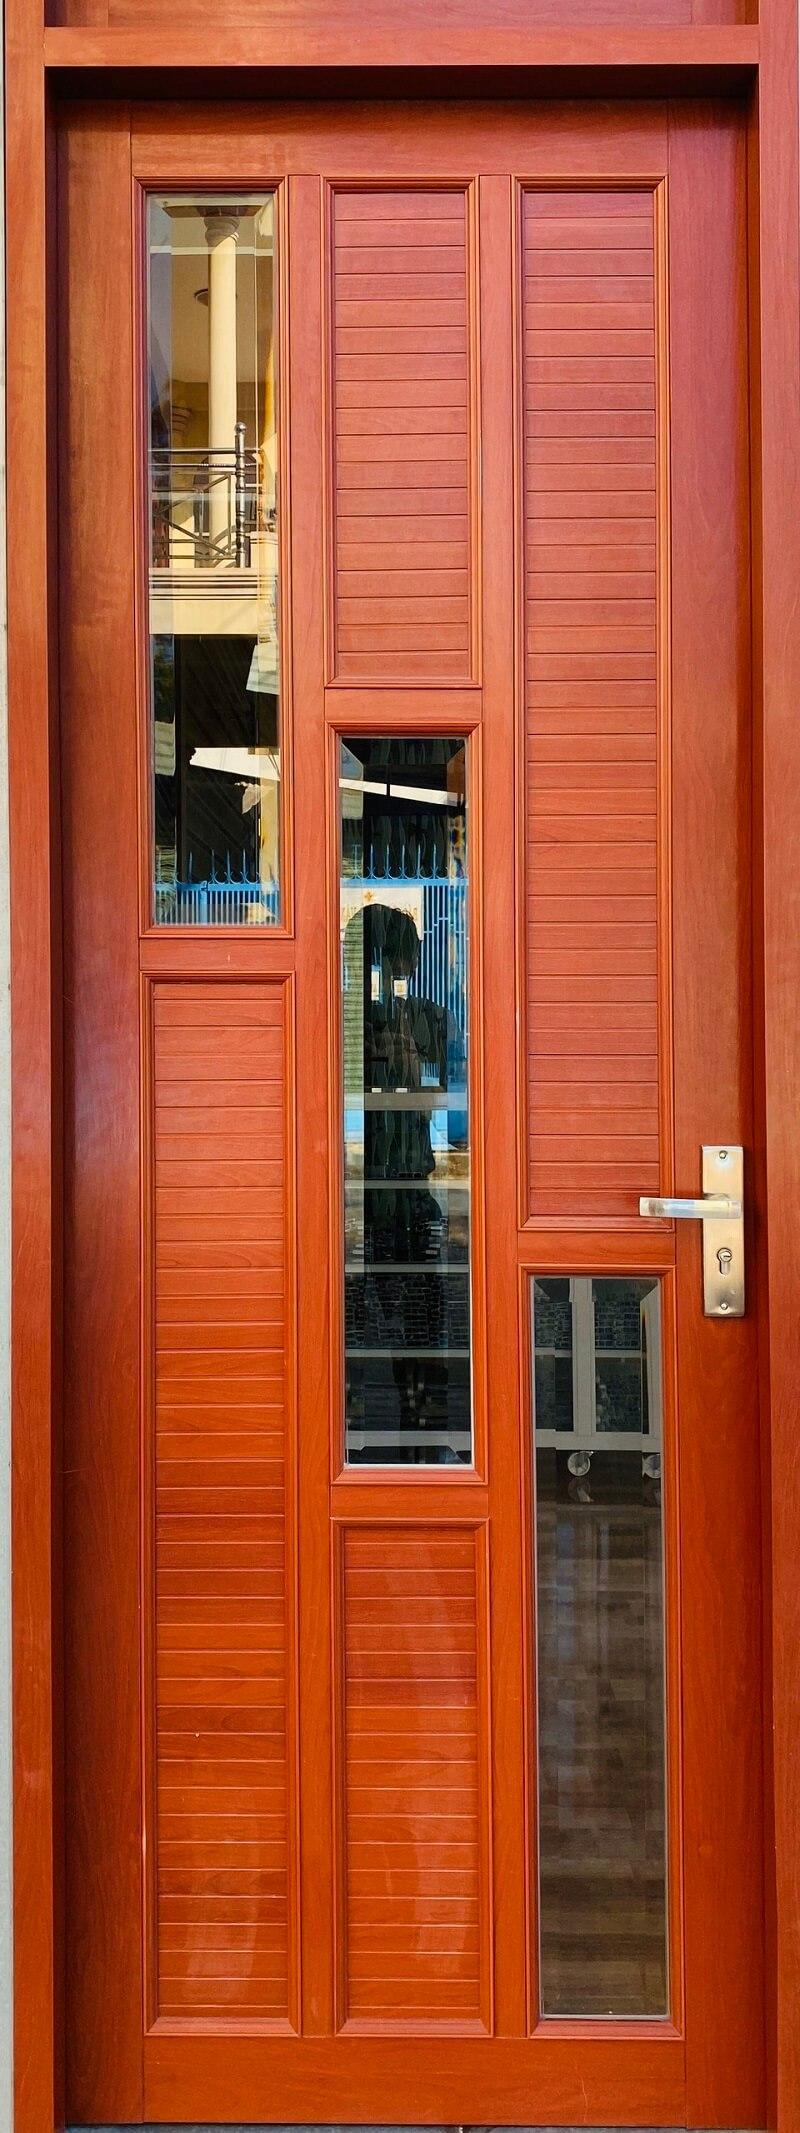 Cửa nhôm hệ 1000 chia ô màu vân gỗ cổ điển, sang trọng